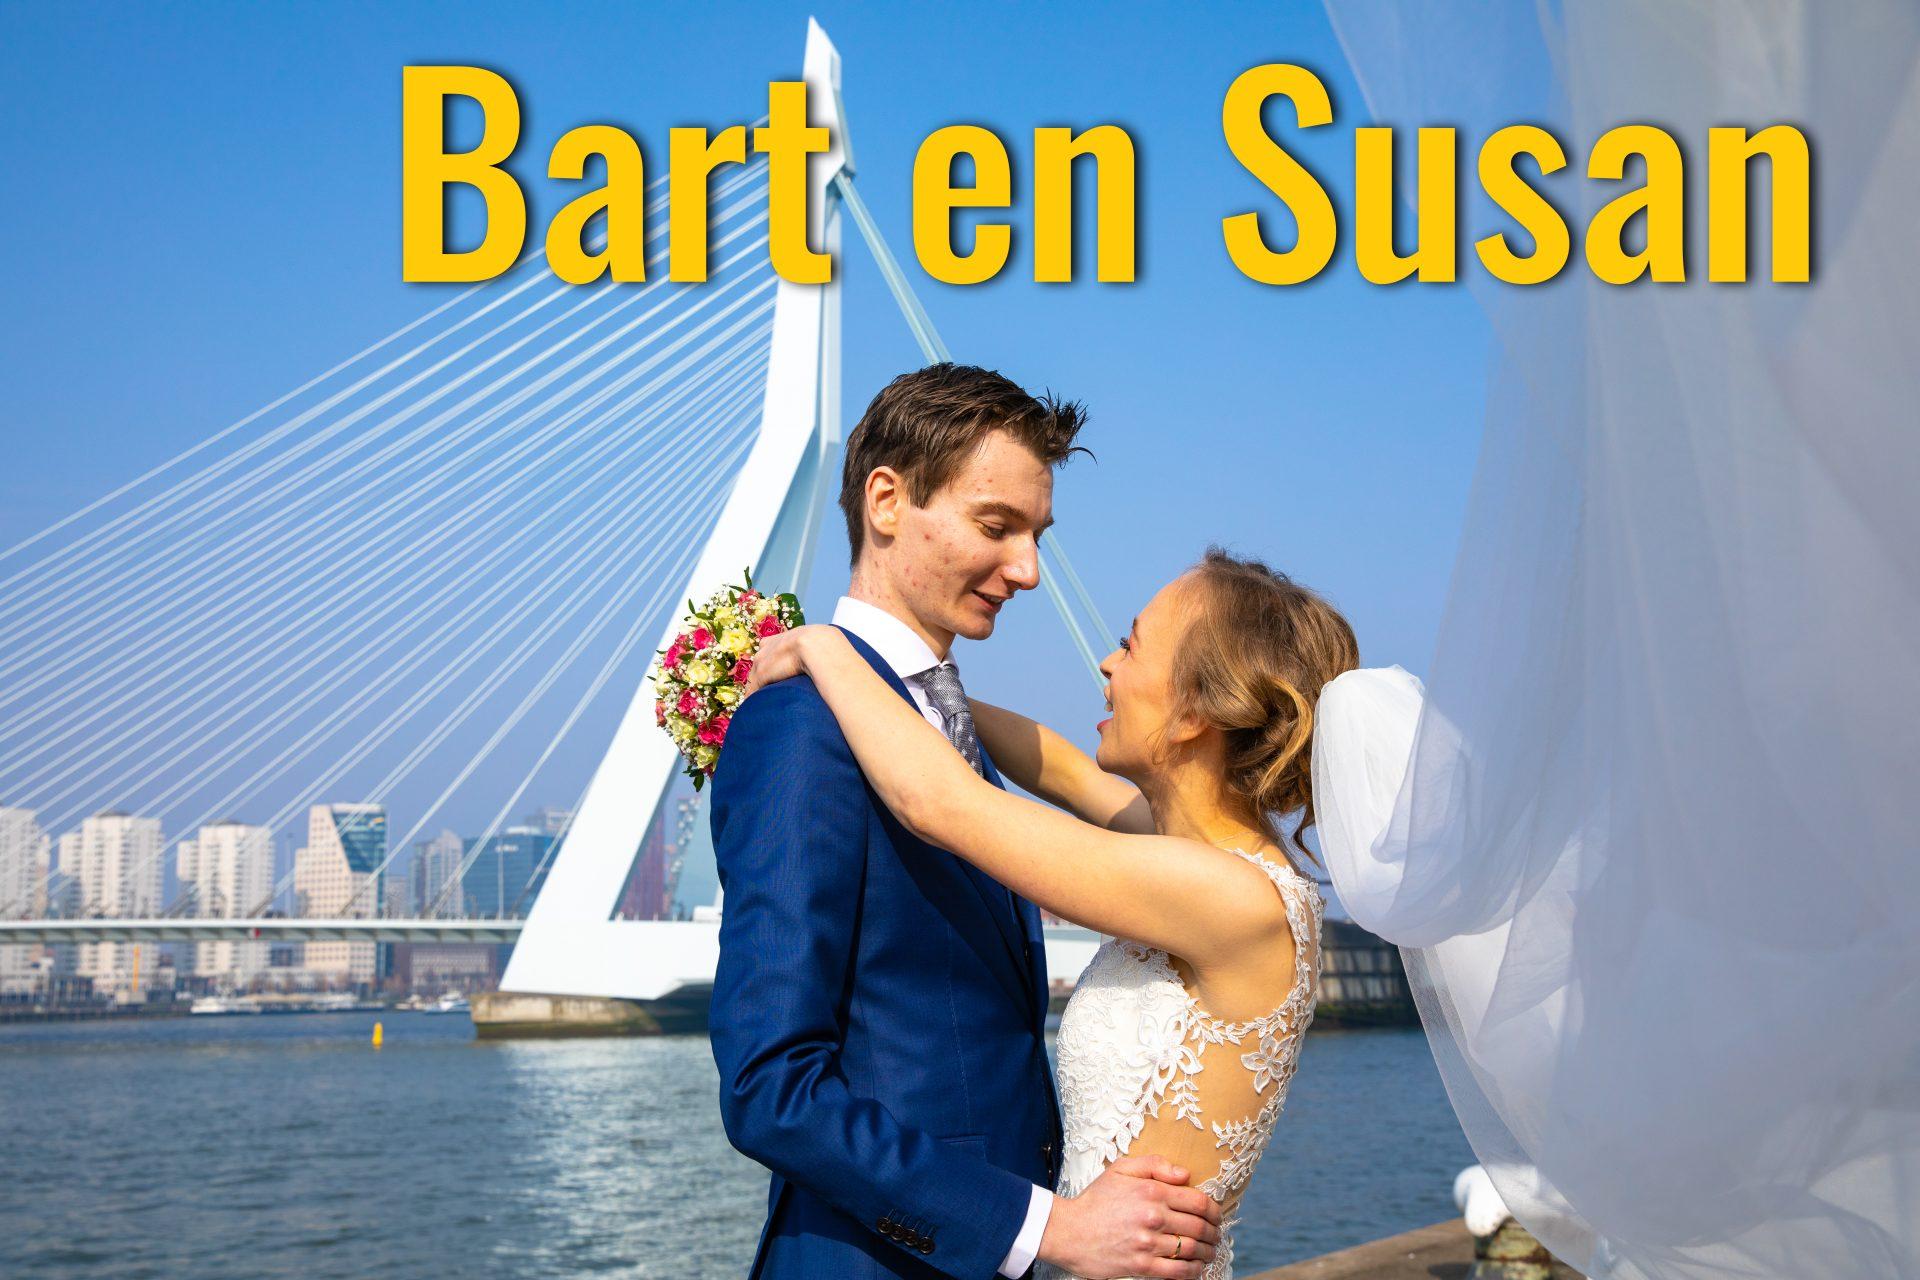 Bart en Susan